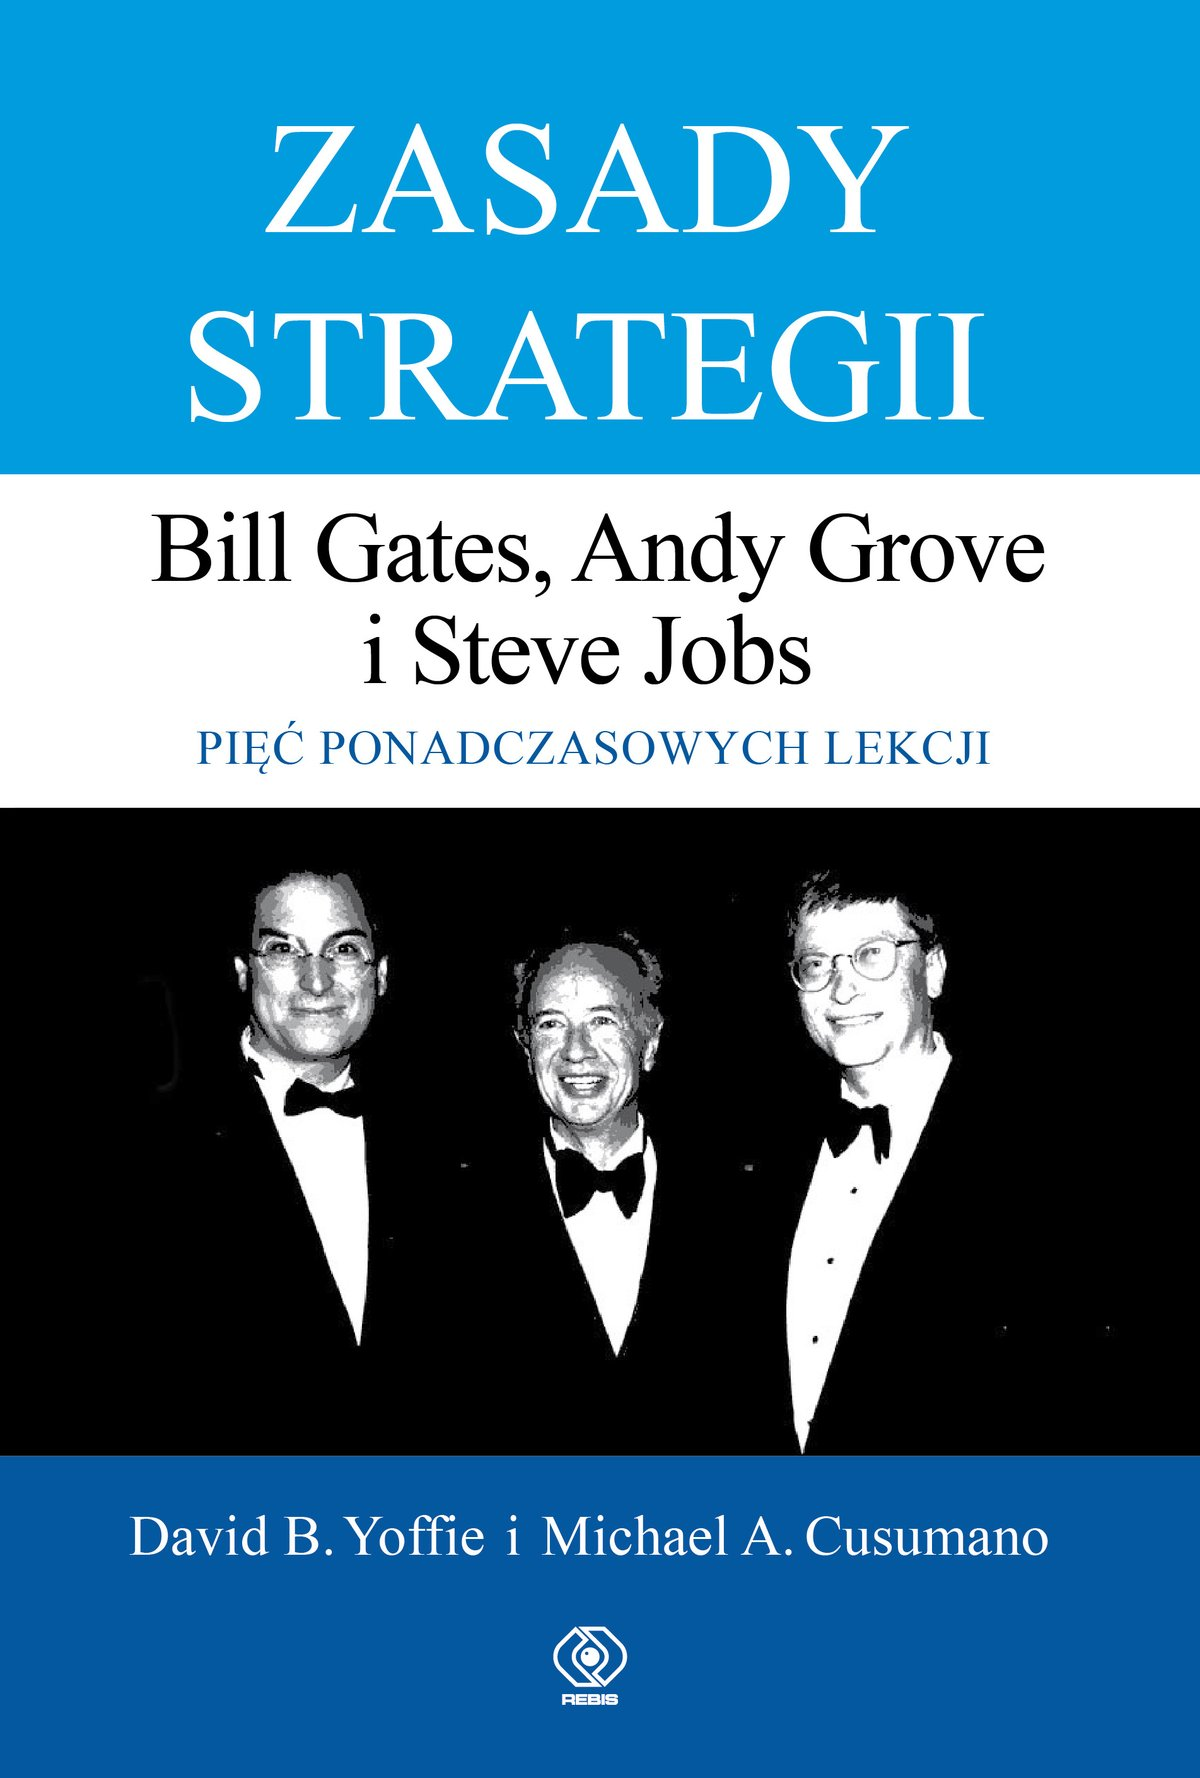 Zasady strategii - Ebook (Książka EPUB) do pobrania w formacie EPUB